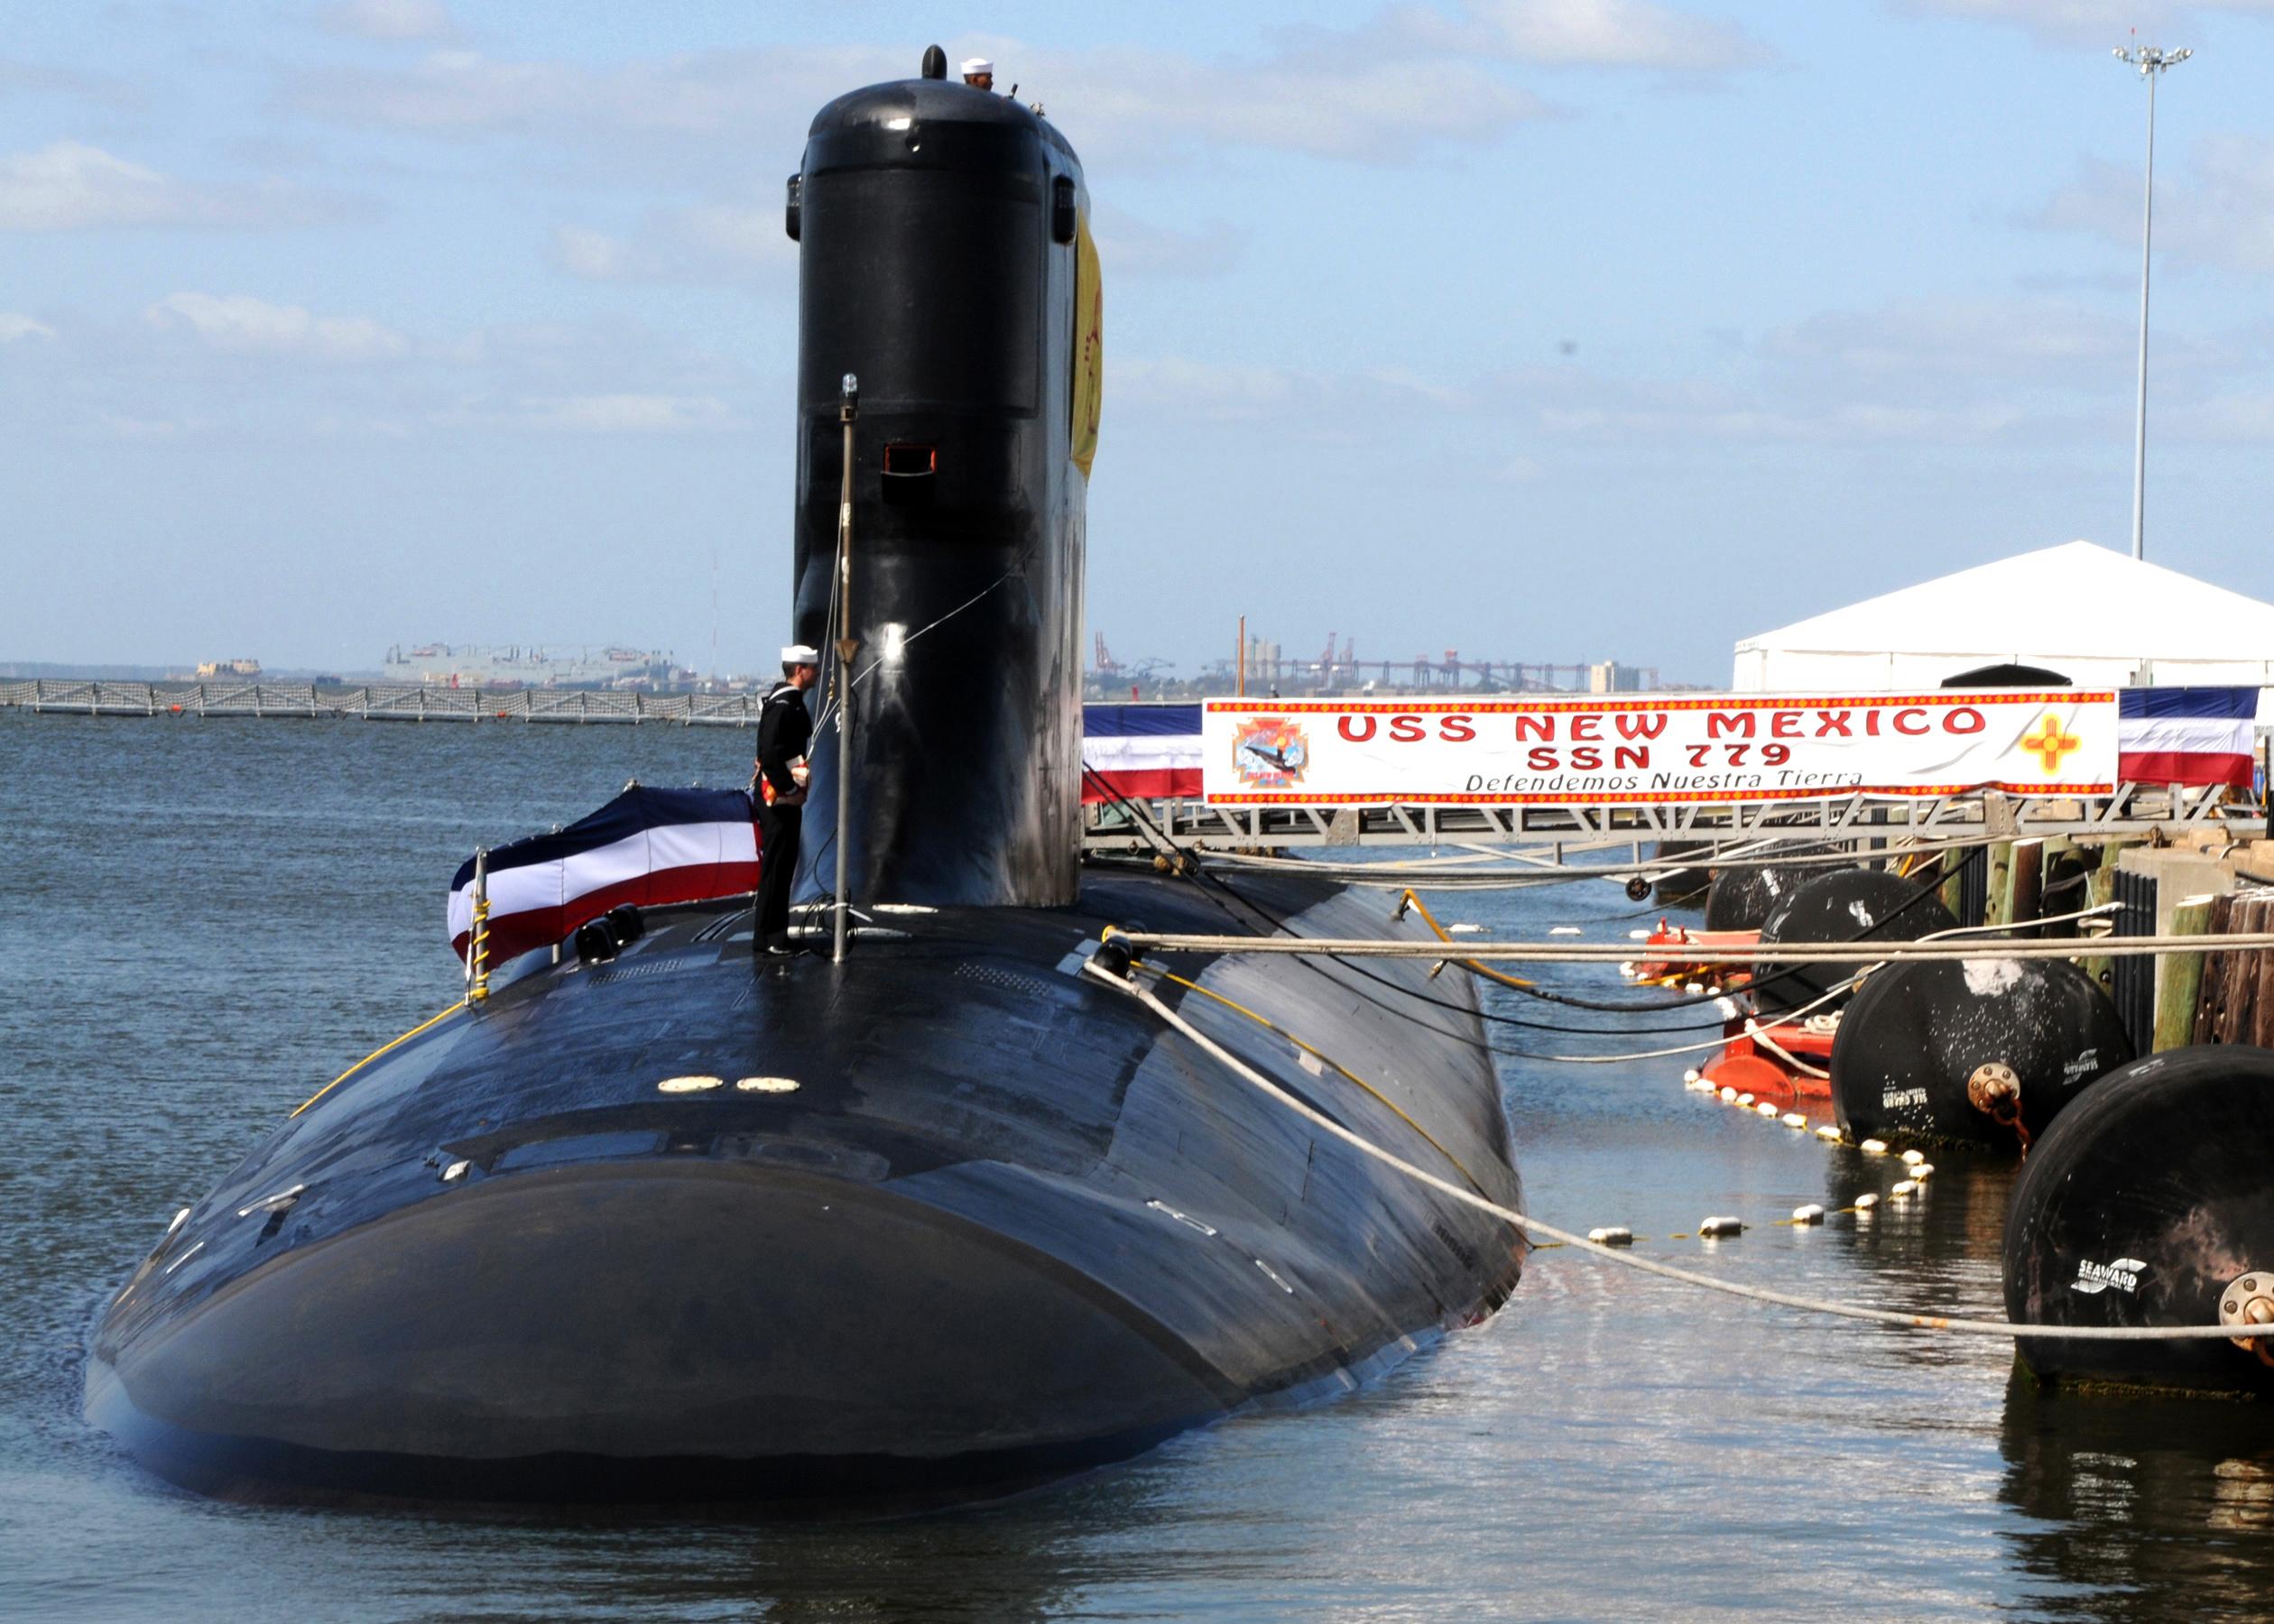 Fil:USS New Mexico (SSN-779).jpg – Wikipedia